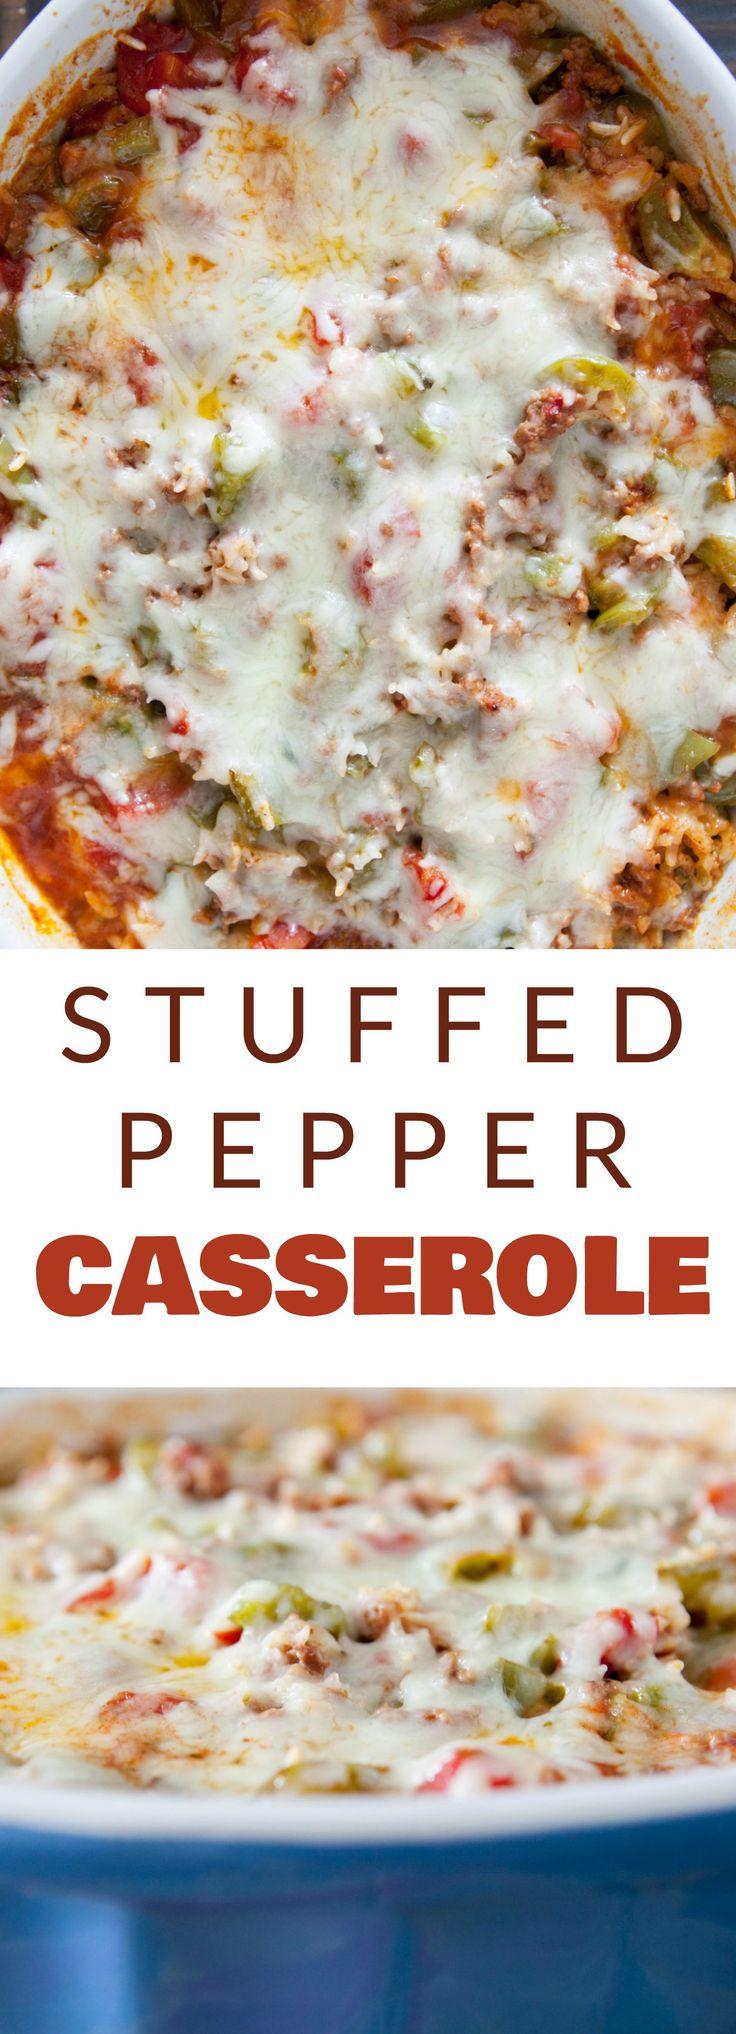 EASY Stuffed Pepper Casserole wird im Ofen für ein käsiges Abendessen gebacken! Thi …